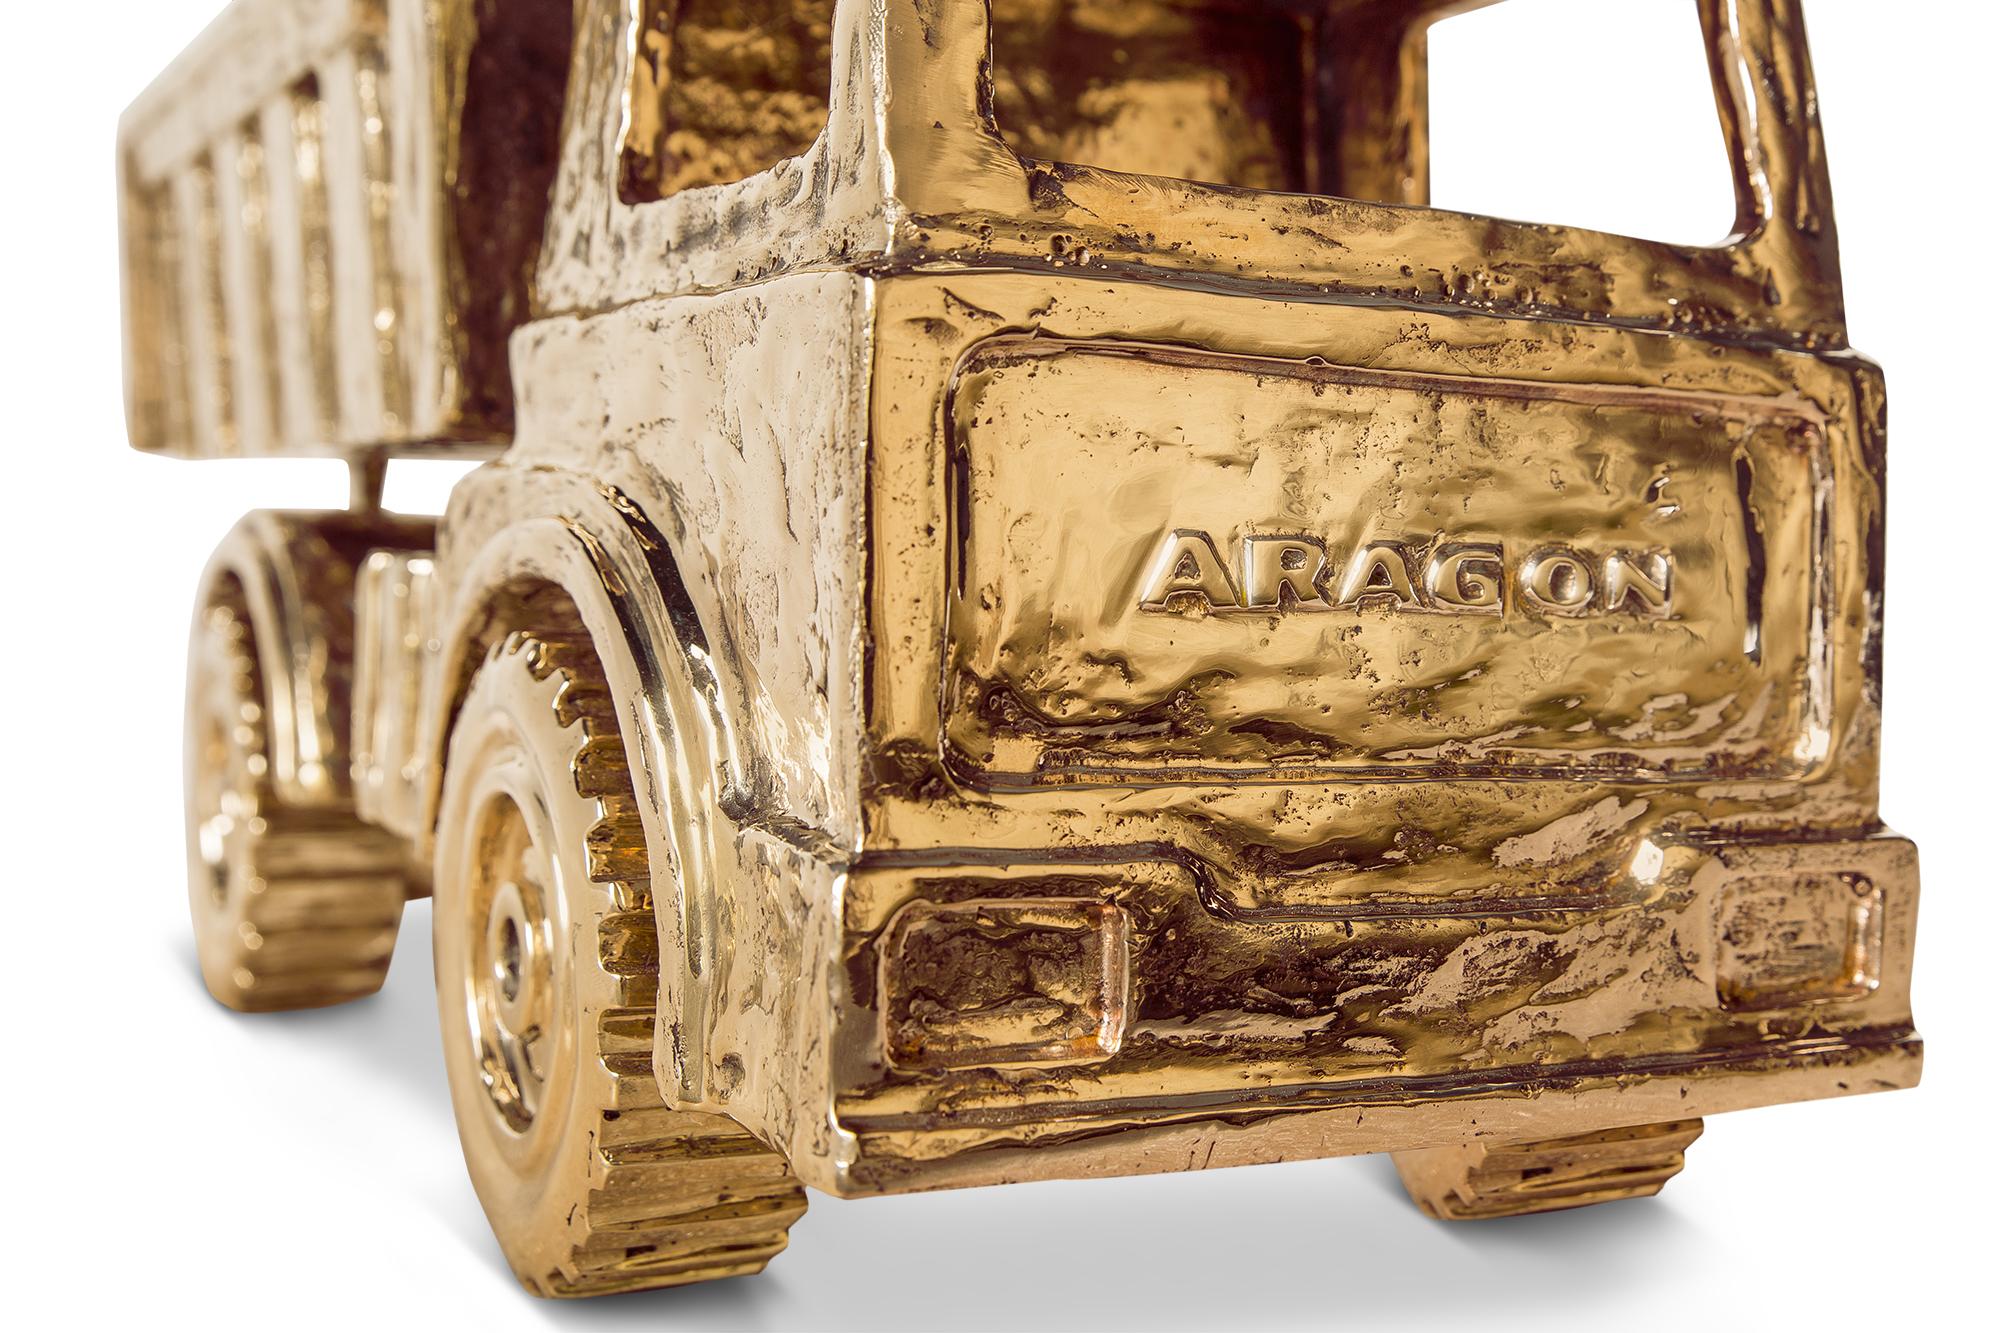 Studio-Job-Truck-OW-detail-2020-kopie